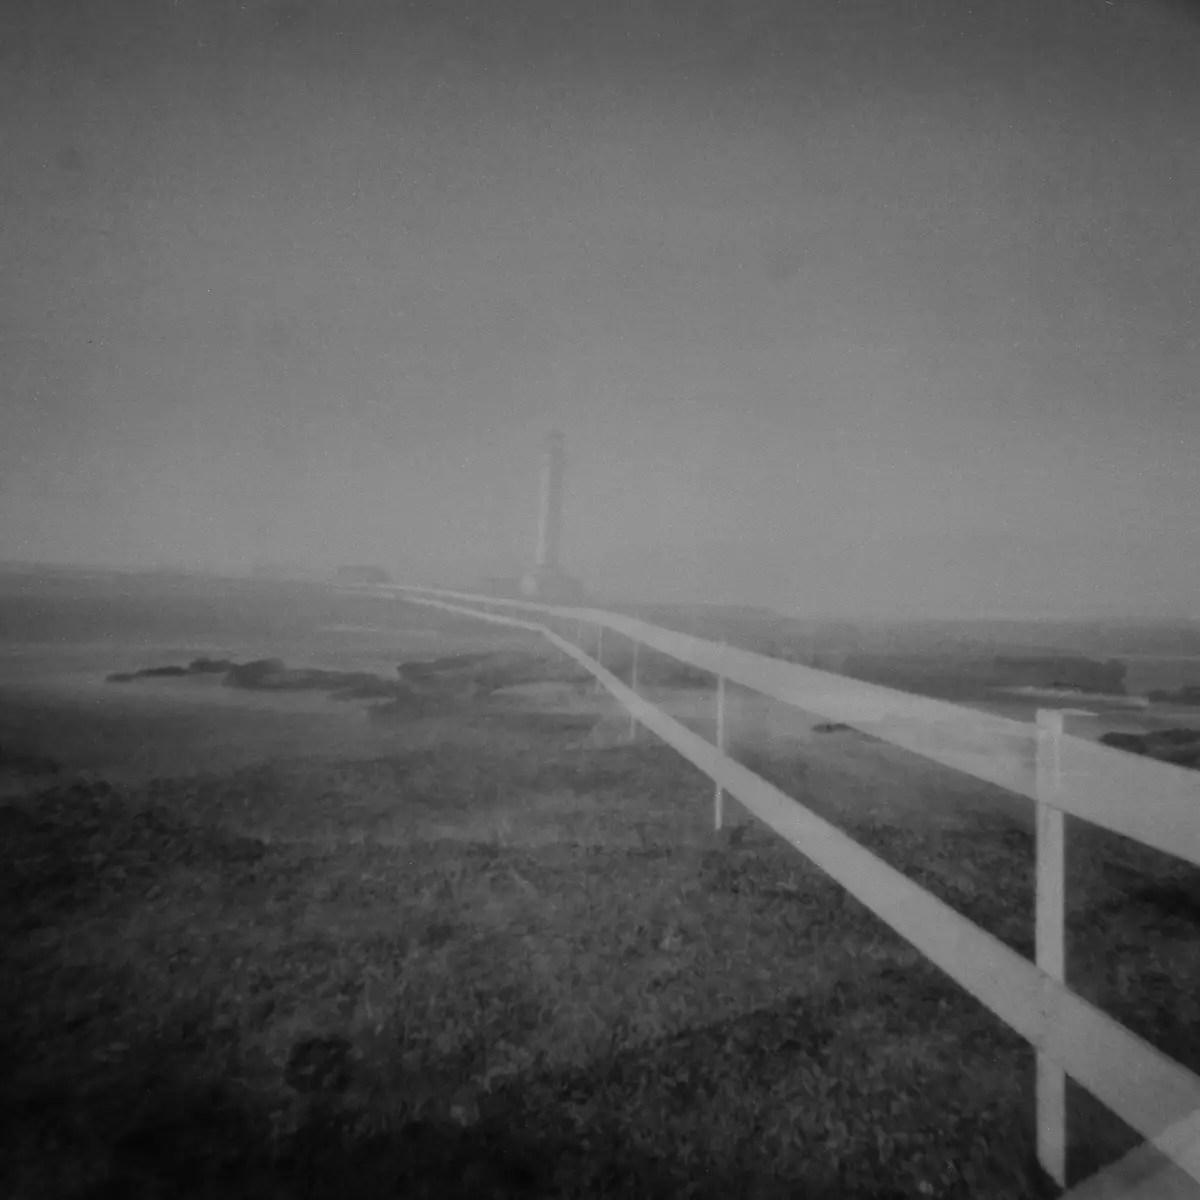 Lighthouse - 5 Frames With... ILFORD PAN F PLUS (EI 50 / 120 format / Vermeer 6x6 Pinhole) - by María Ochoa